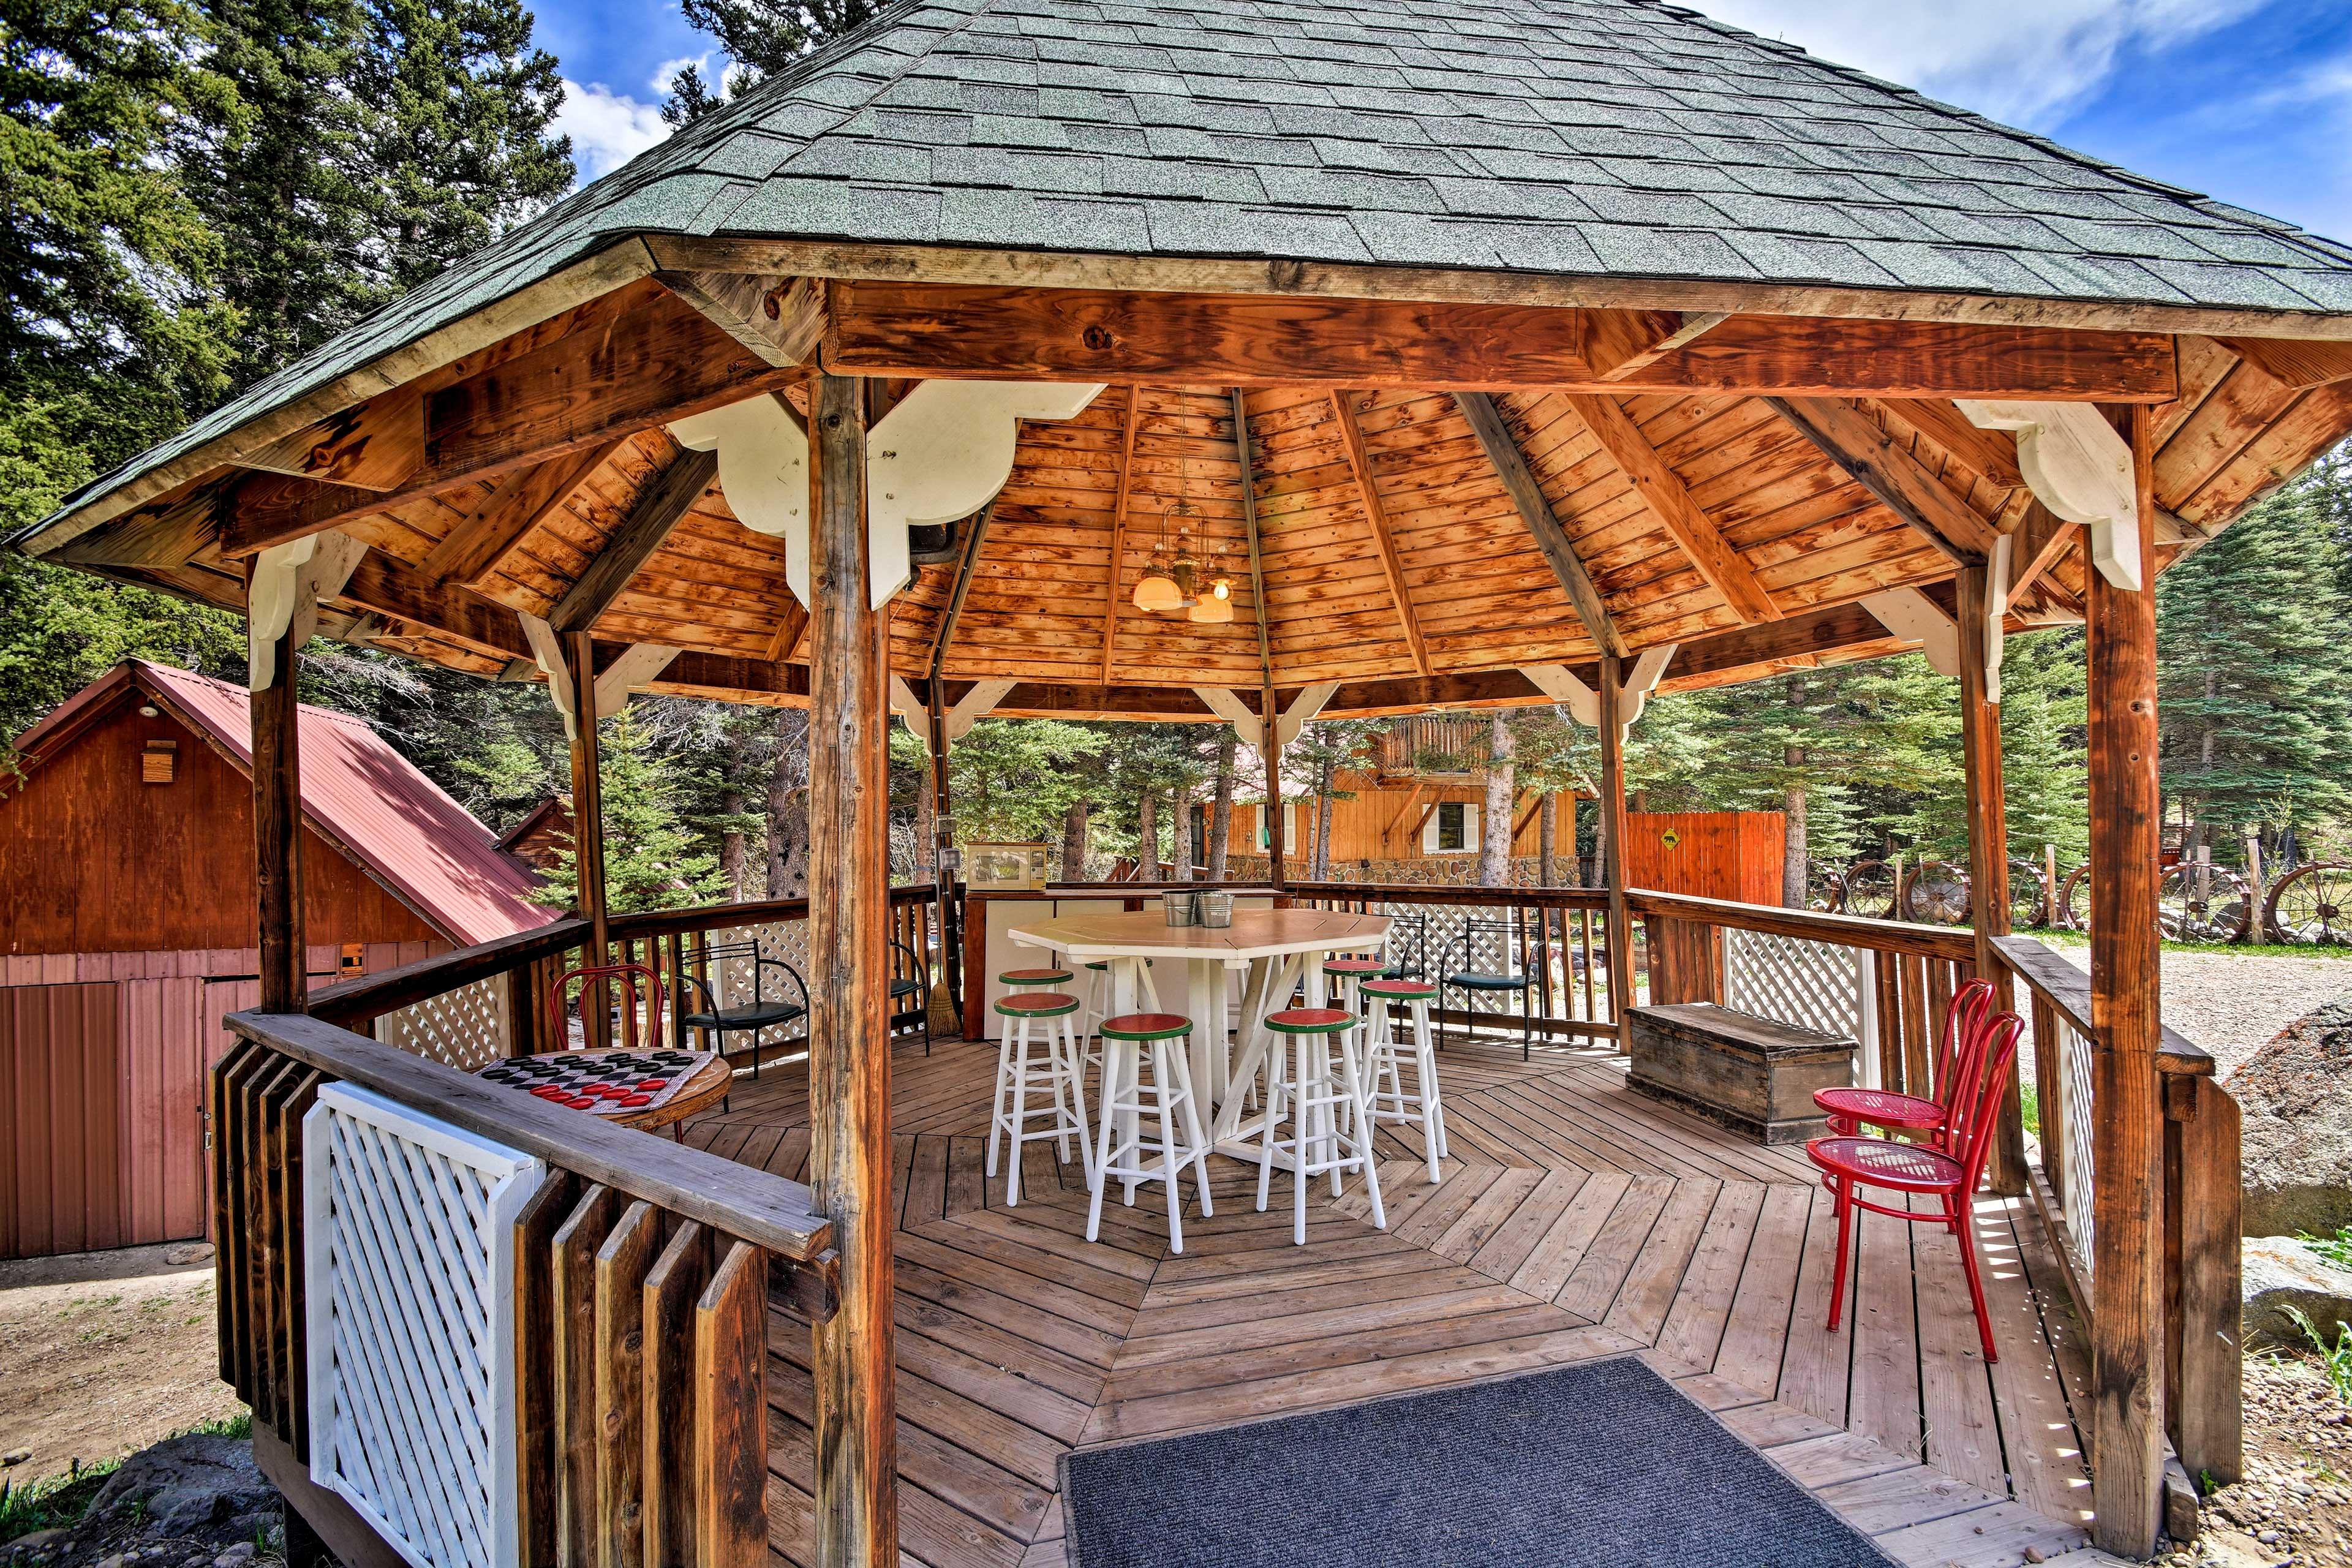 Host a backyard barbecue in the gazebo!